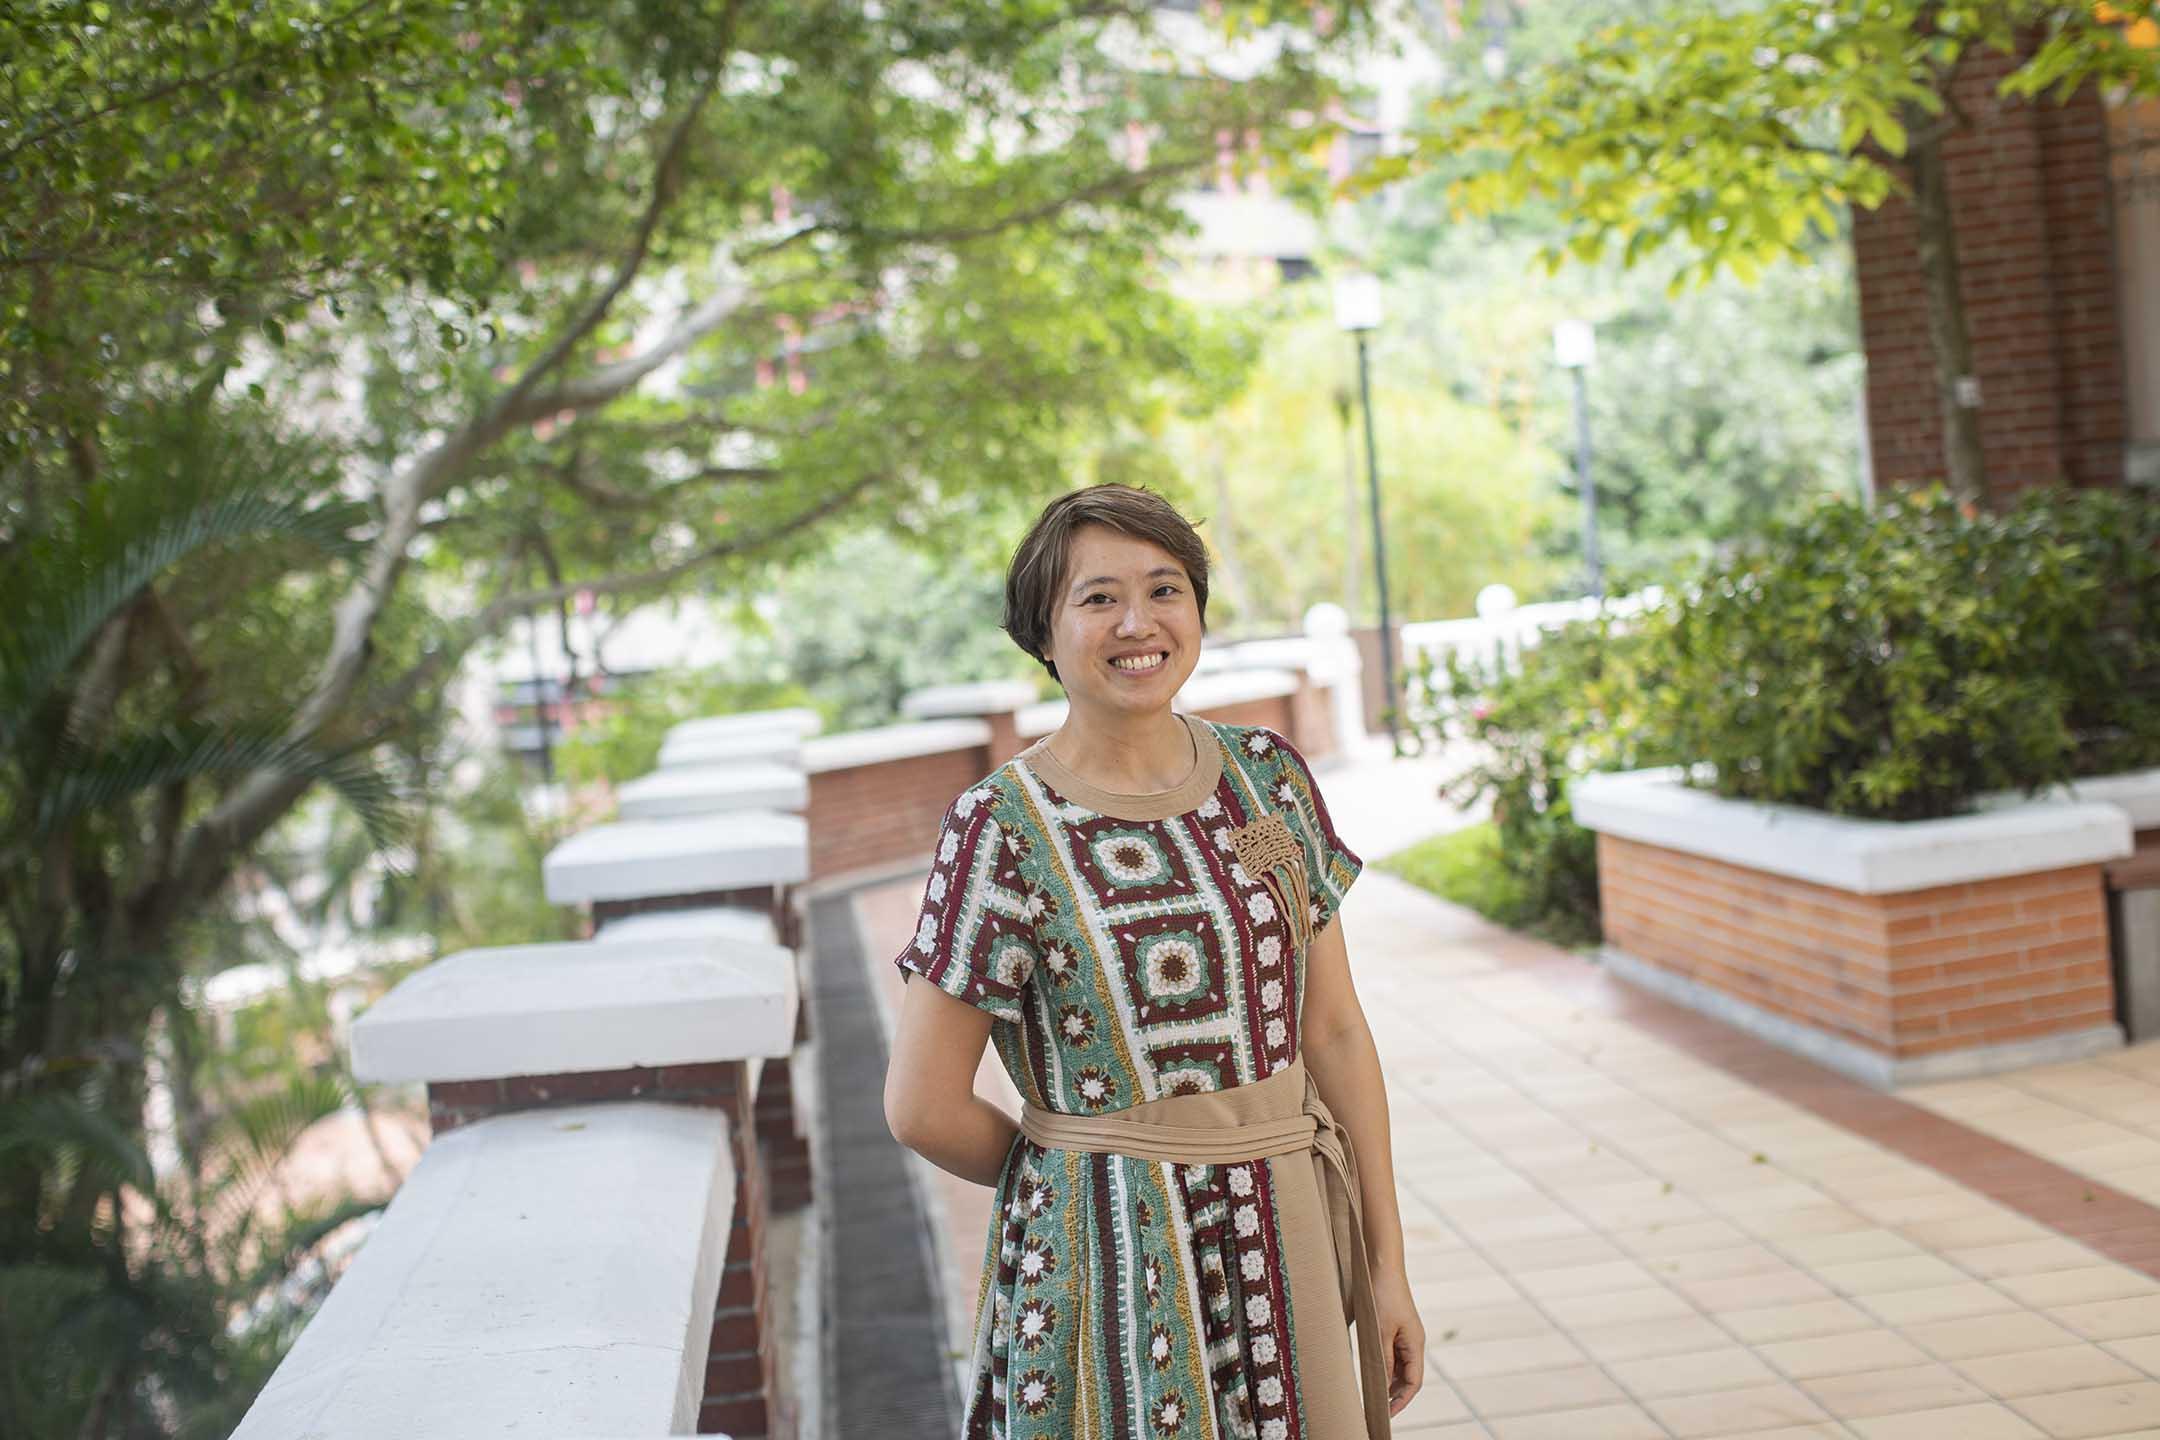 香港大學吞嚥研究所所長、言語治療師陳文琪。